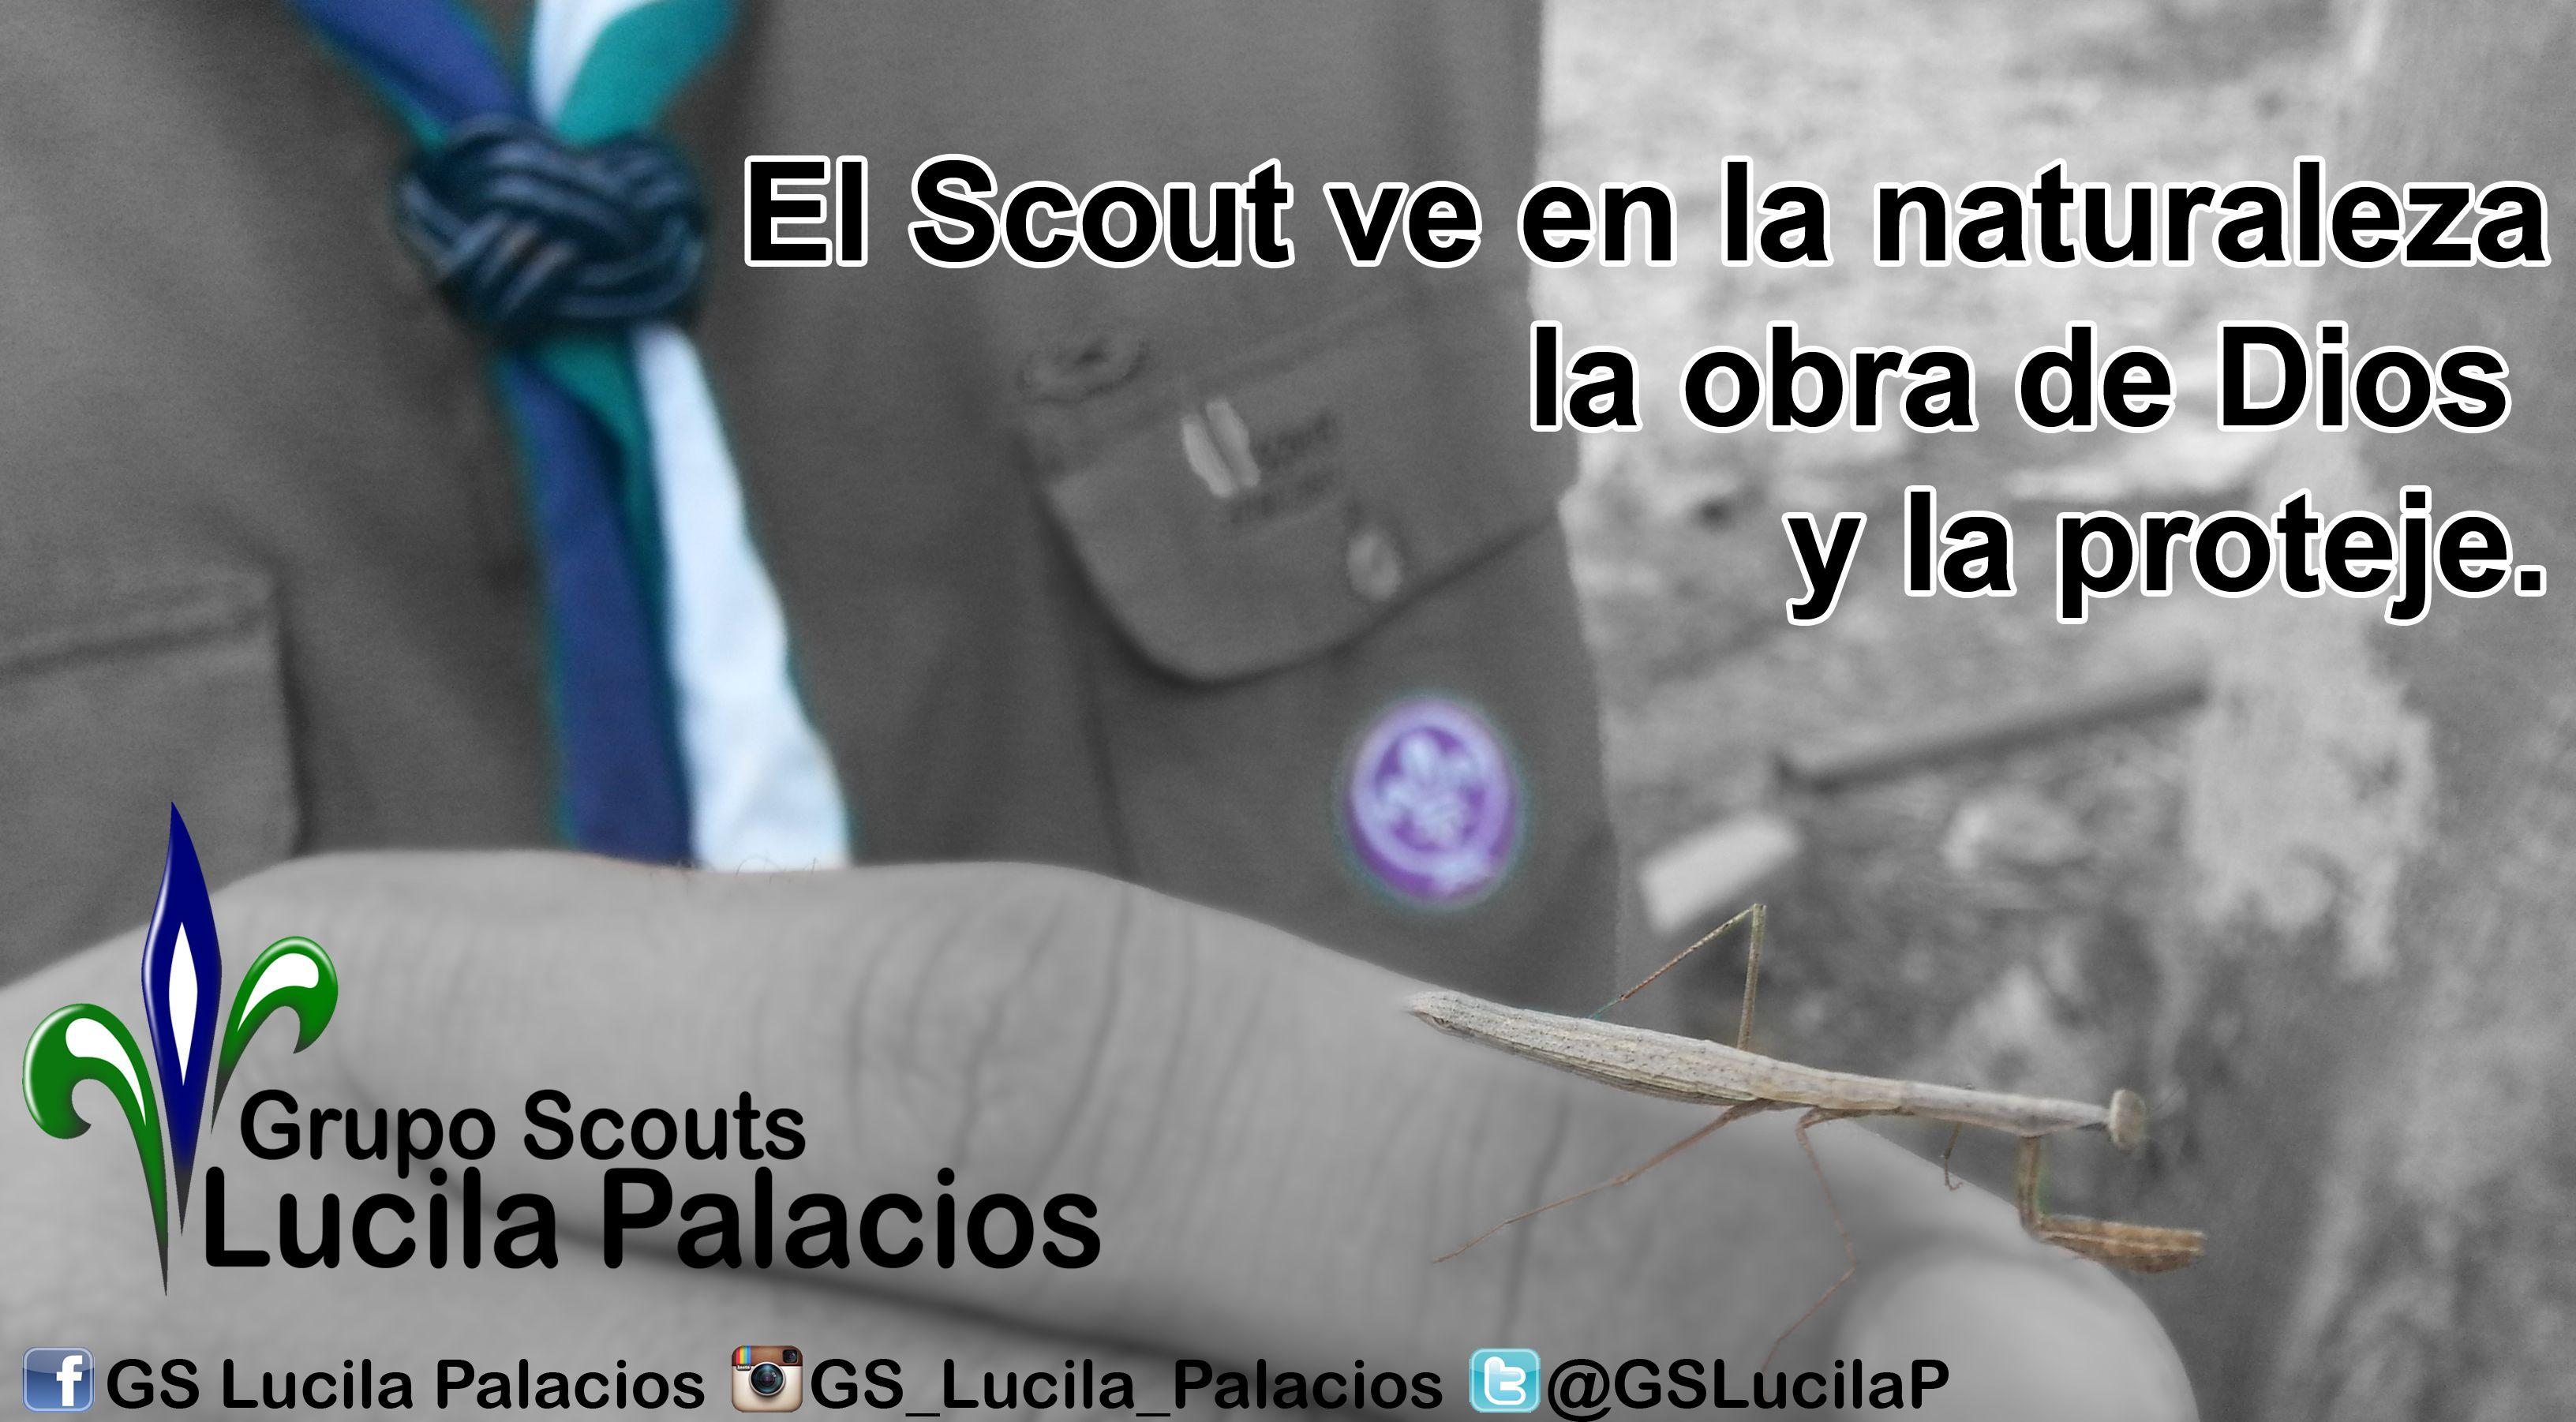 El Scouts ve en la naturaleza la obra de Dios, y la porteje